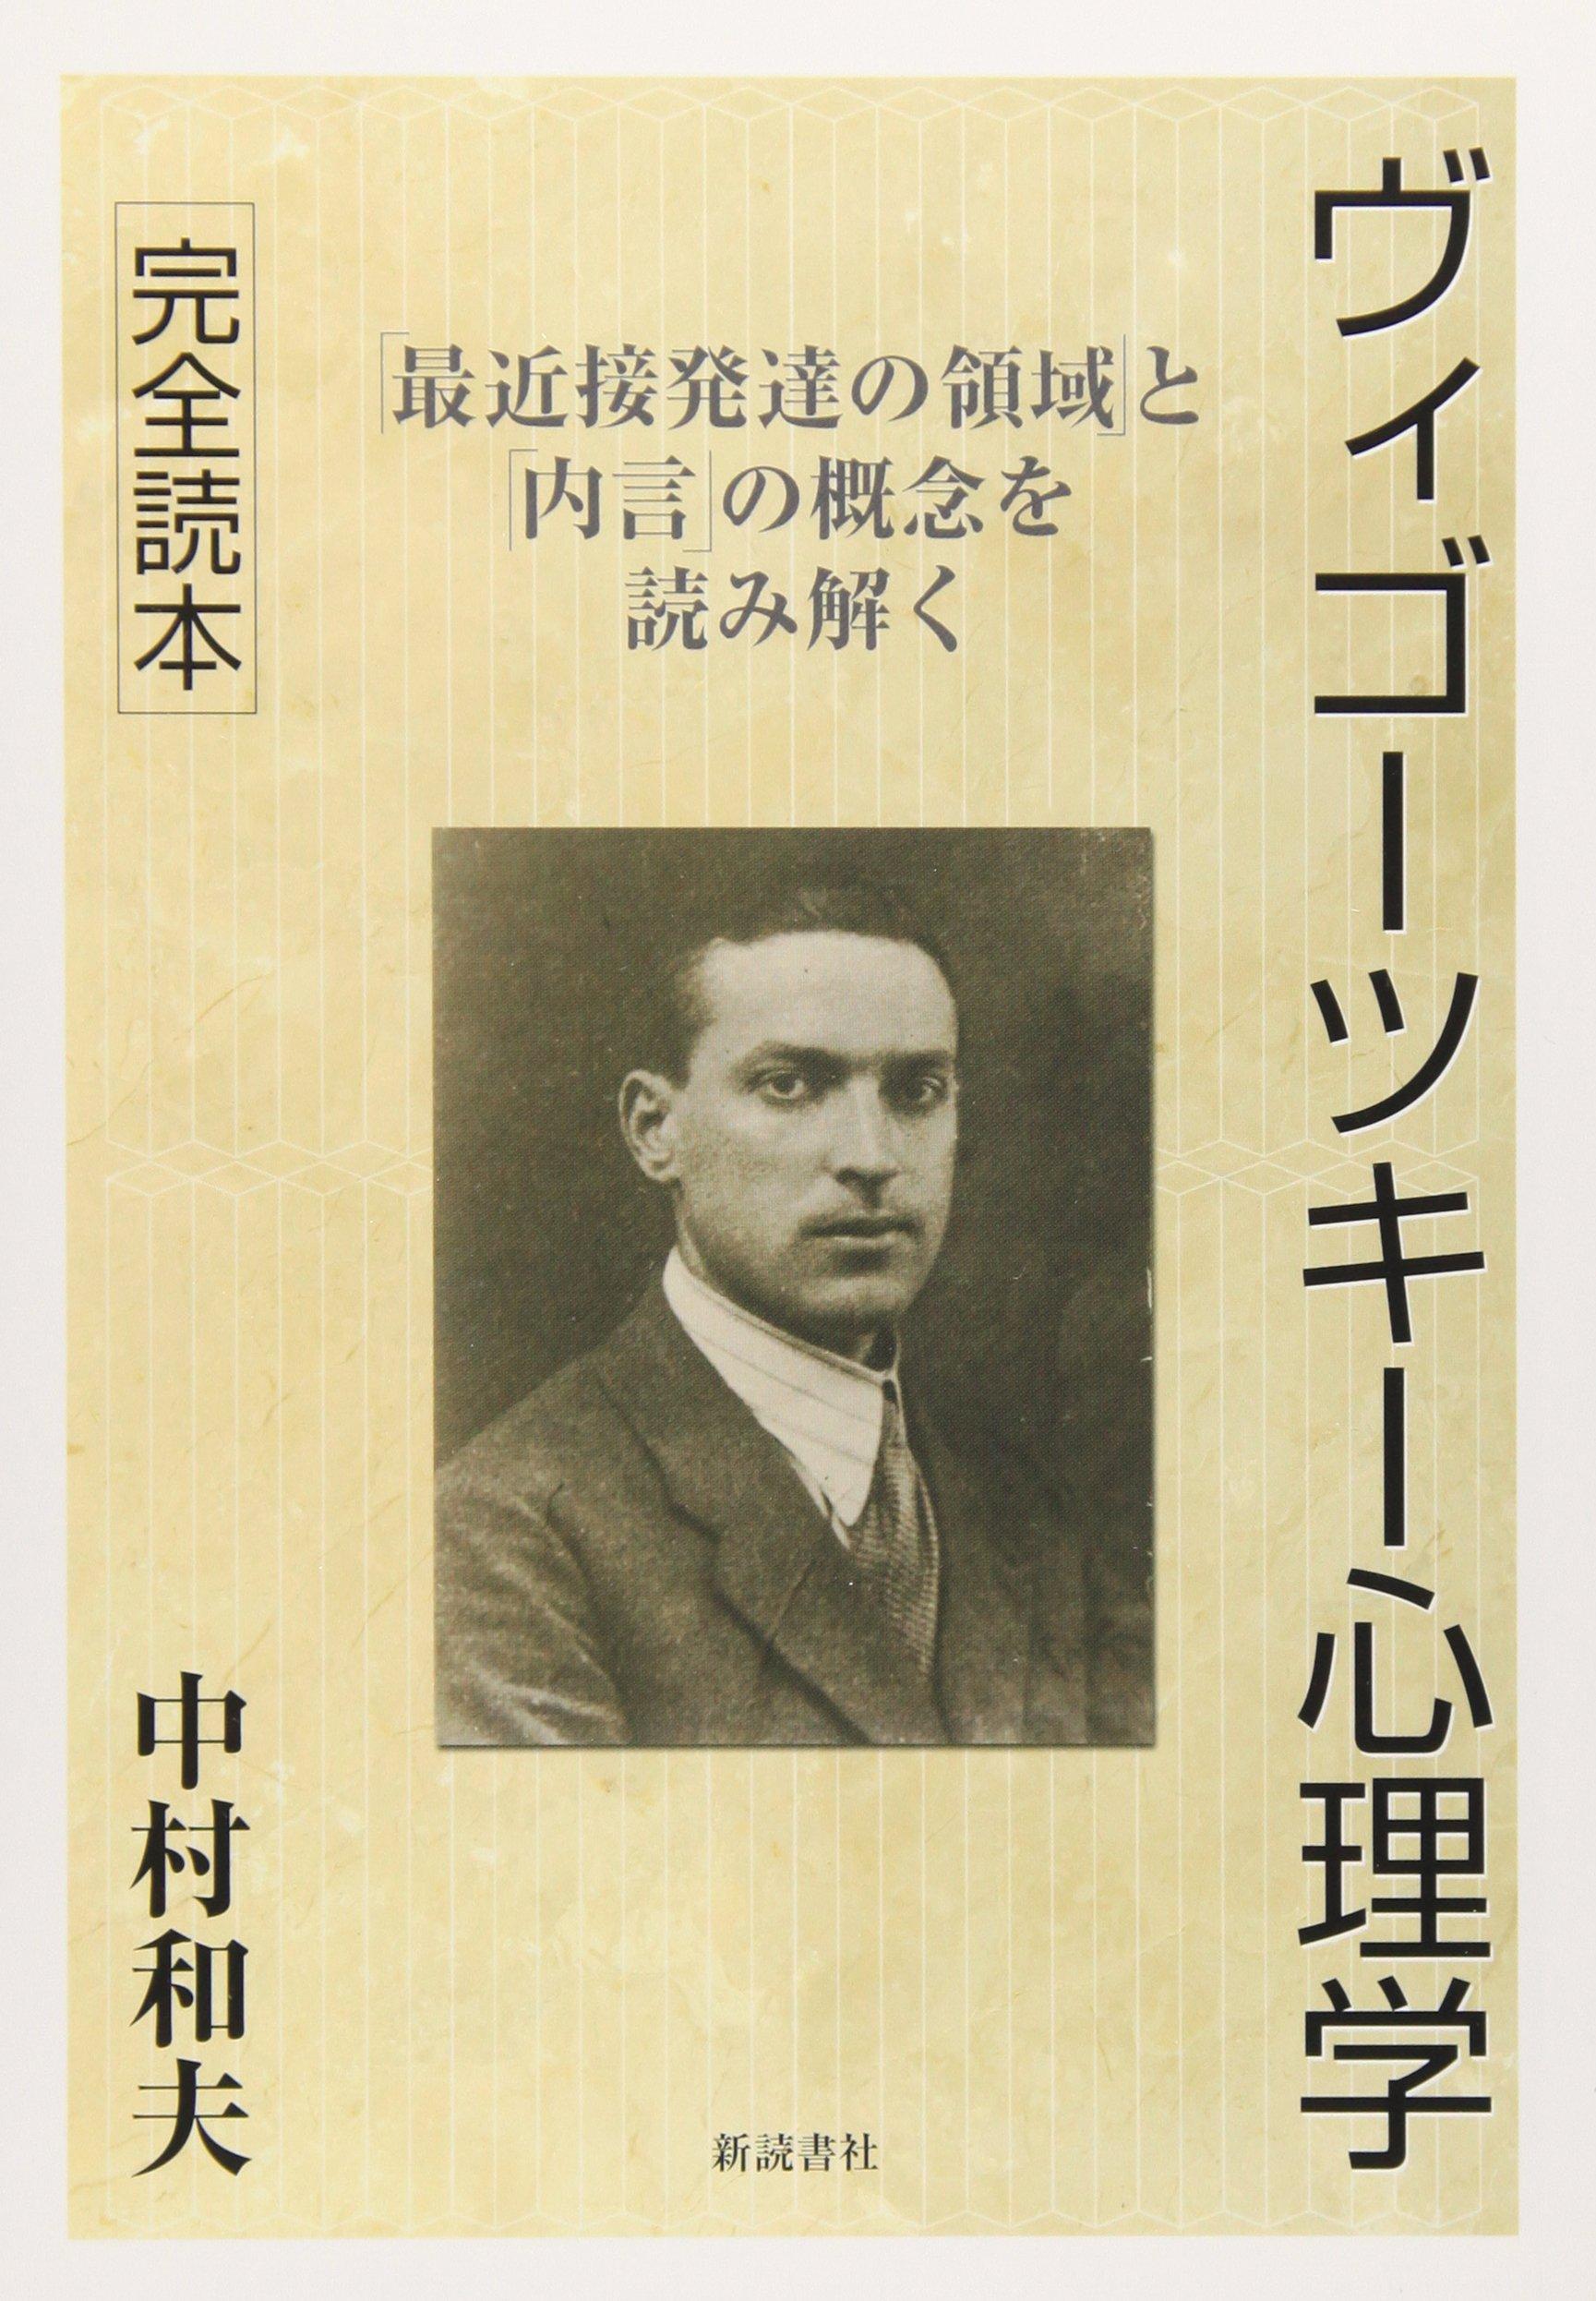 Download Vigātsukī shinrigaku : Kanzen dokuhon : Saikinsetsu hattatsu no ryōiki to naigen no gainen o yomitoku pdf